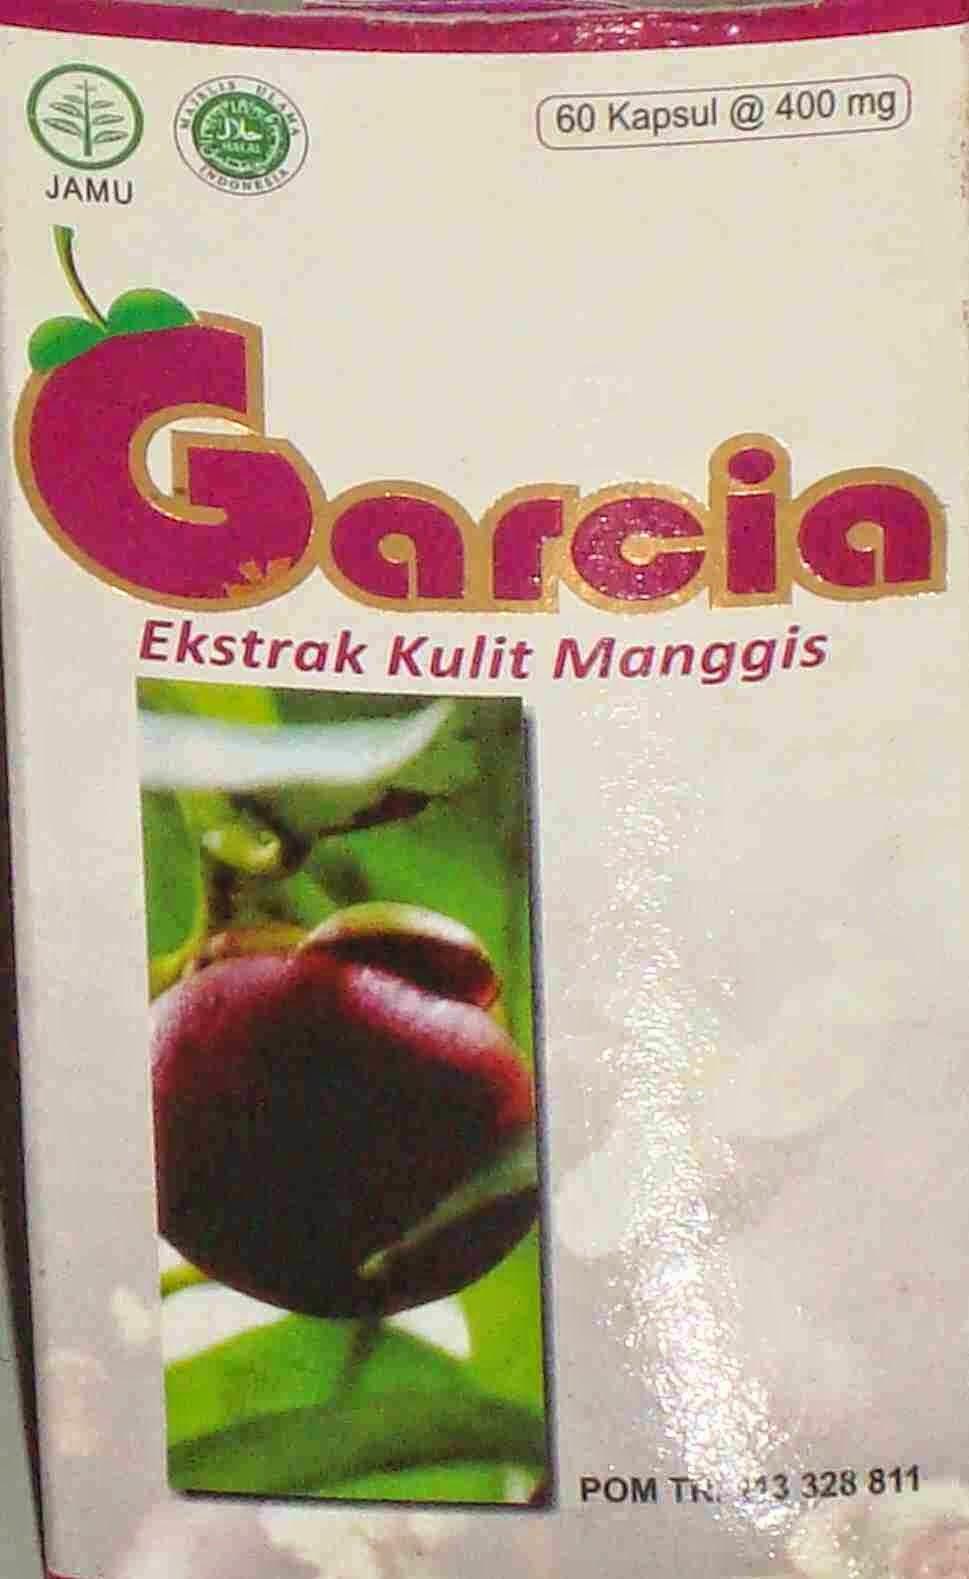 Aturan Minum Garcia Kulit Manggis Kapsul Ekstrak